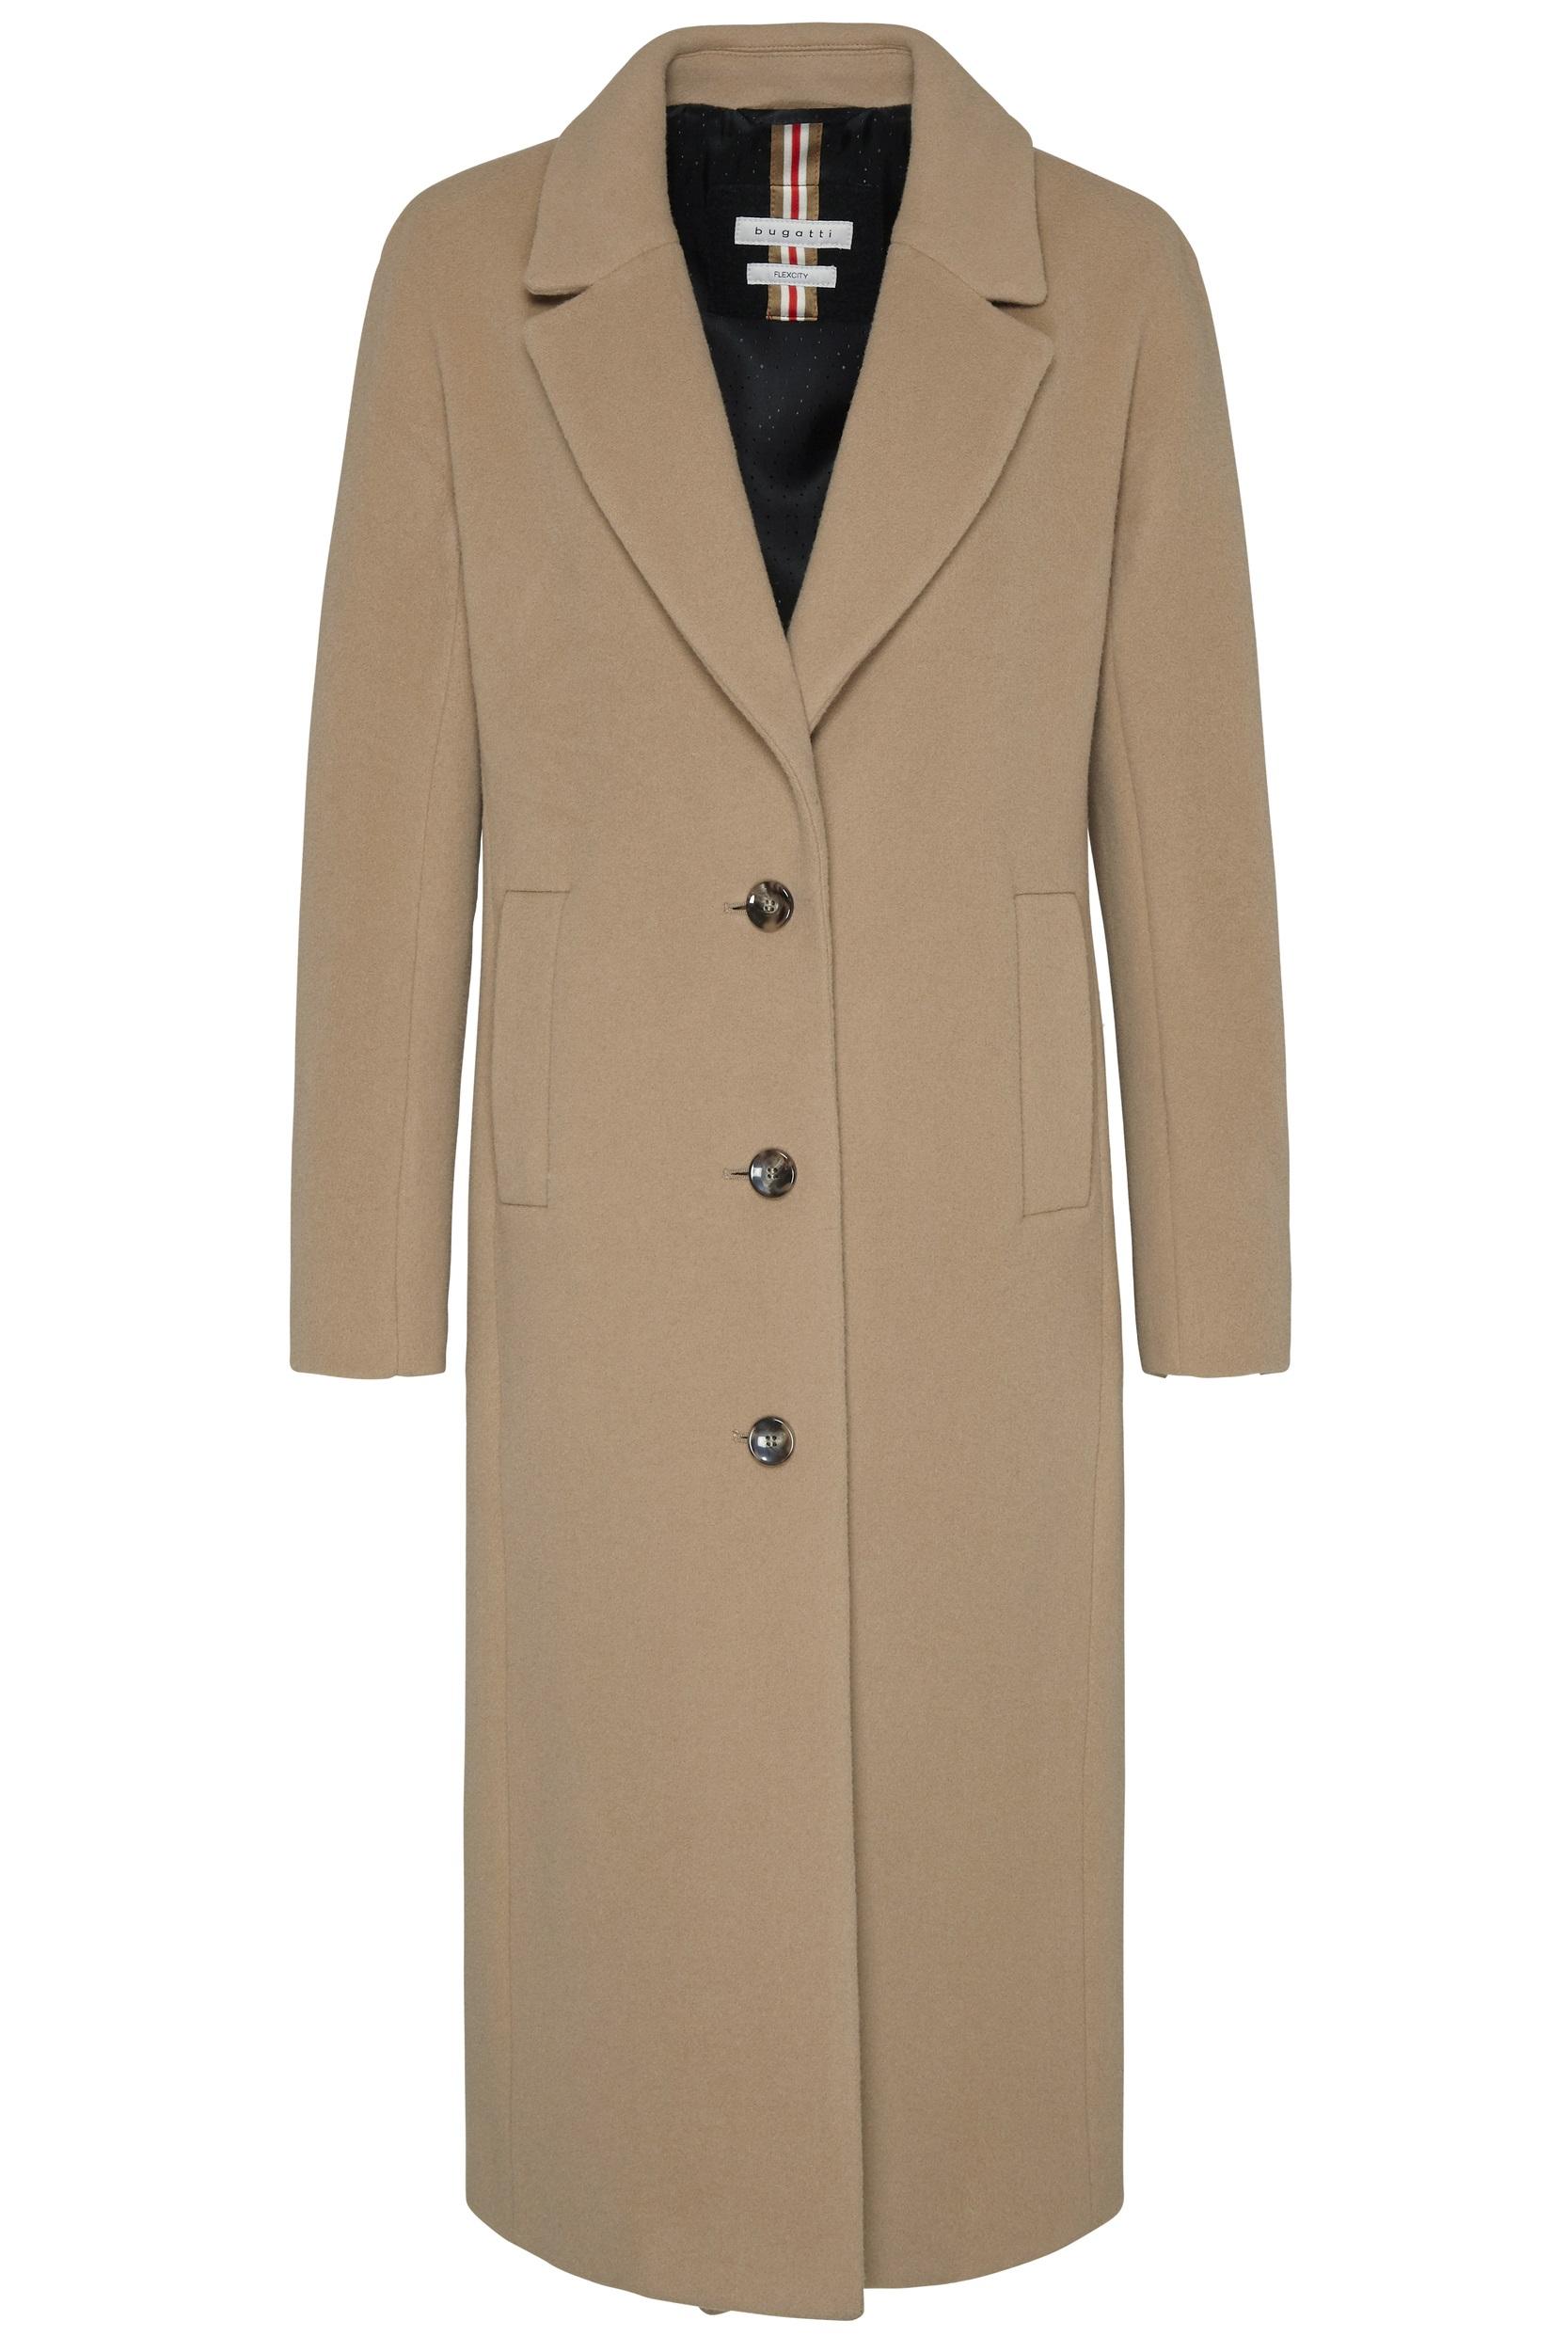 Bugatti dámský vlněný kabát 64019/70 Hnědá 36